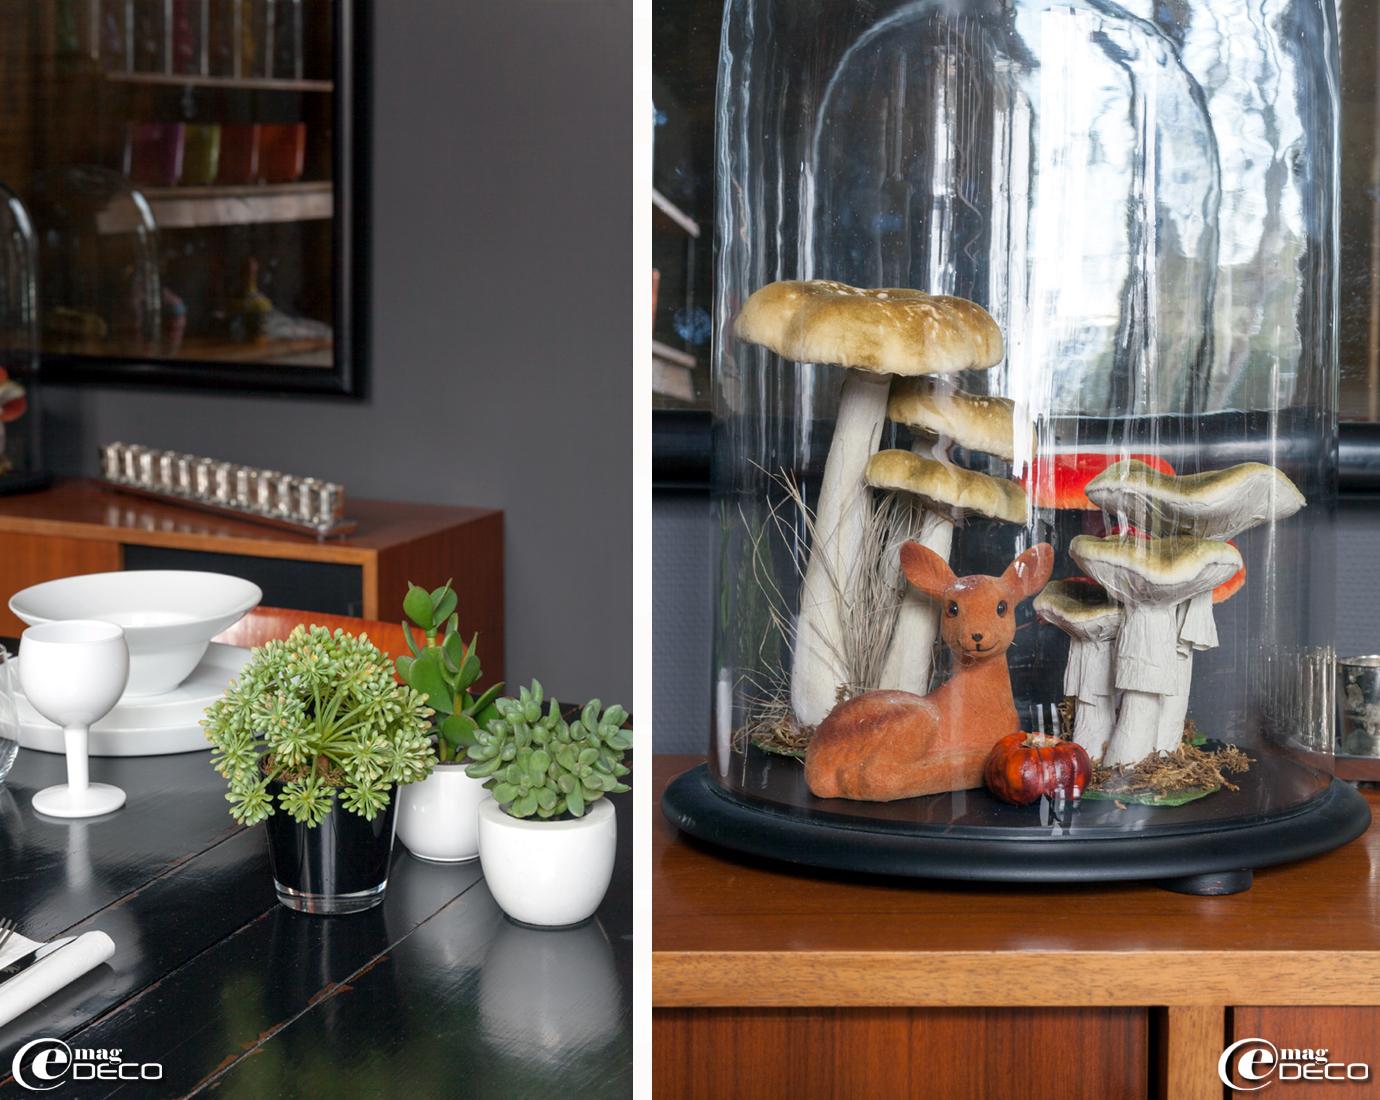 Vaisselle 'Fancy' dans la maison d'hôtes 'La Villa 1901', globe en verre renfermant une mise en scène composée d'un faon et de champignons